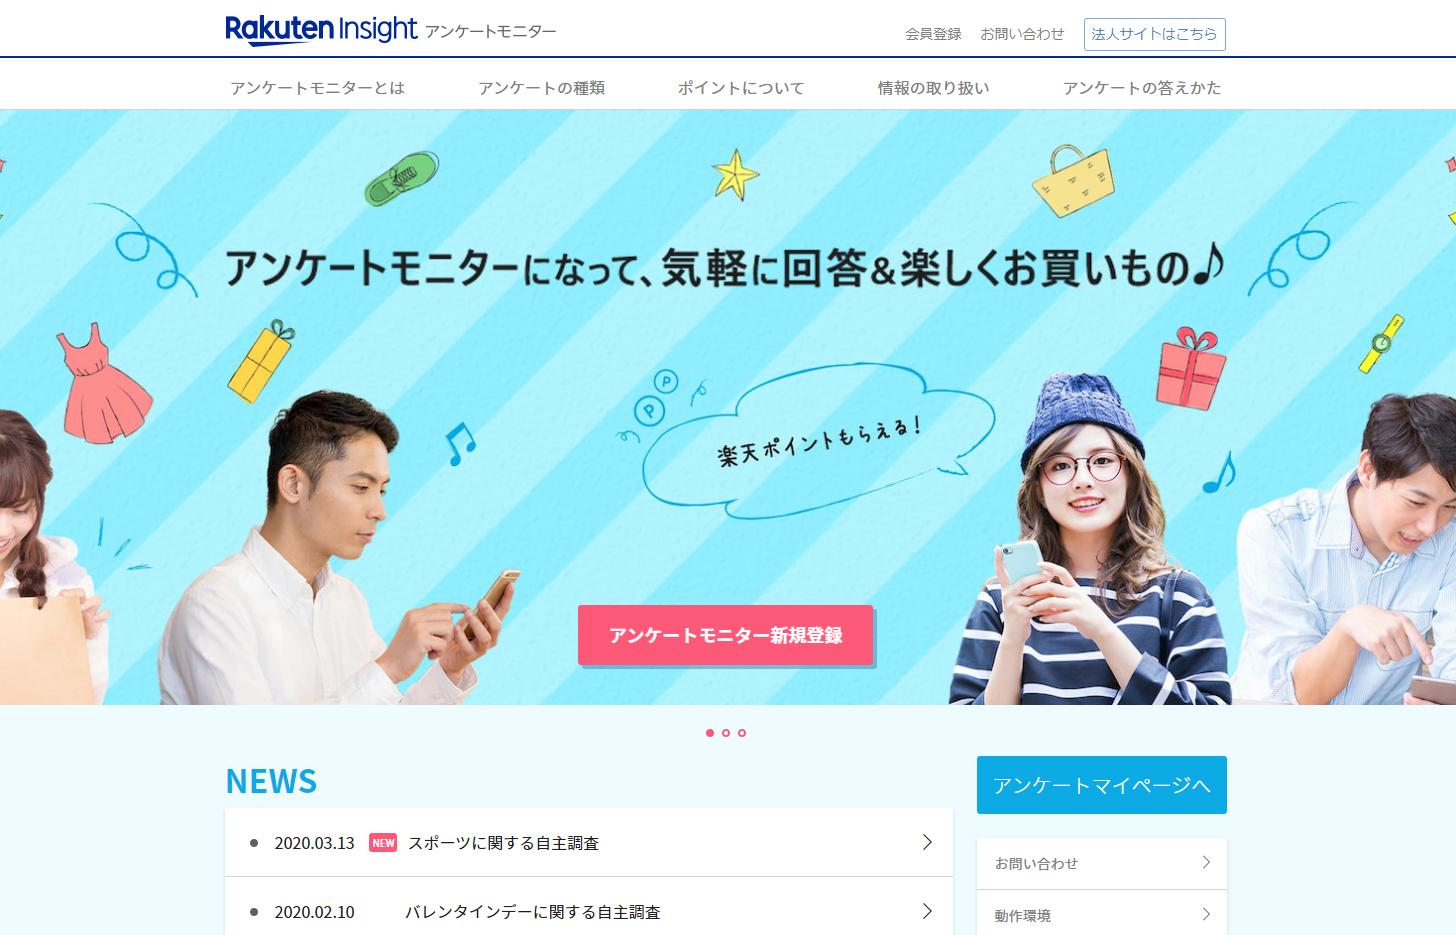 楽天インサイト(アンケートサービス)